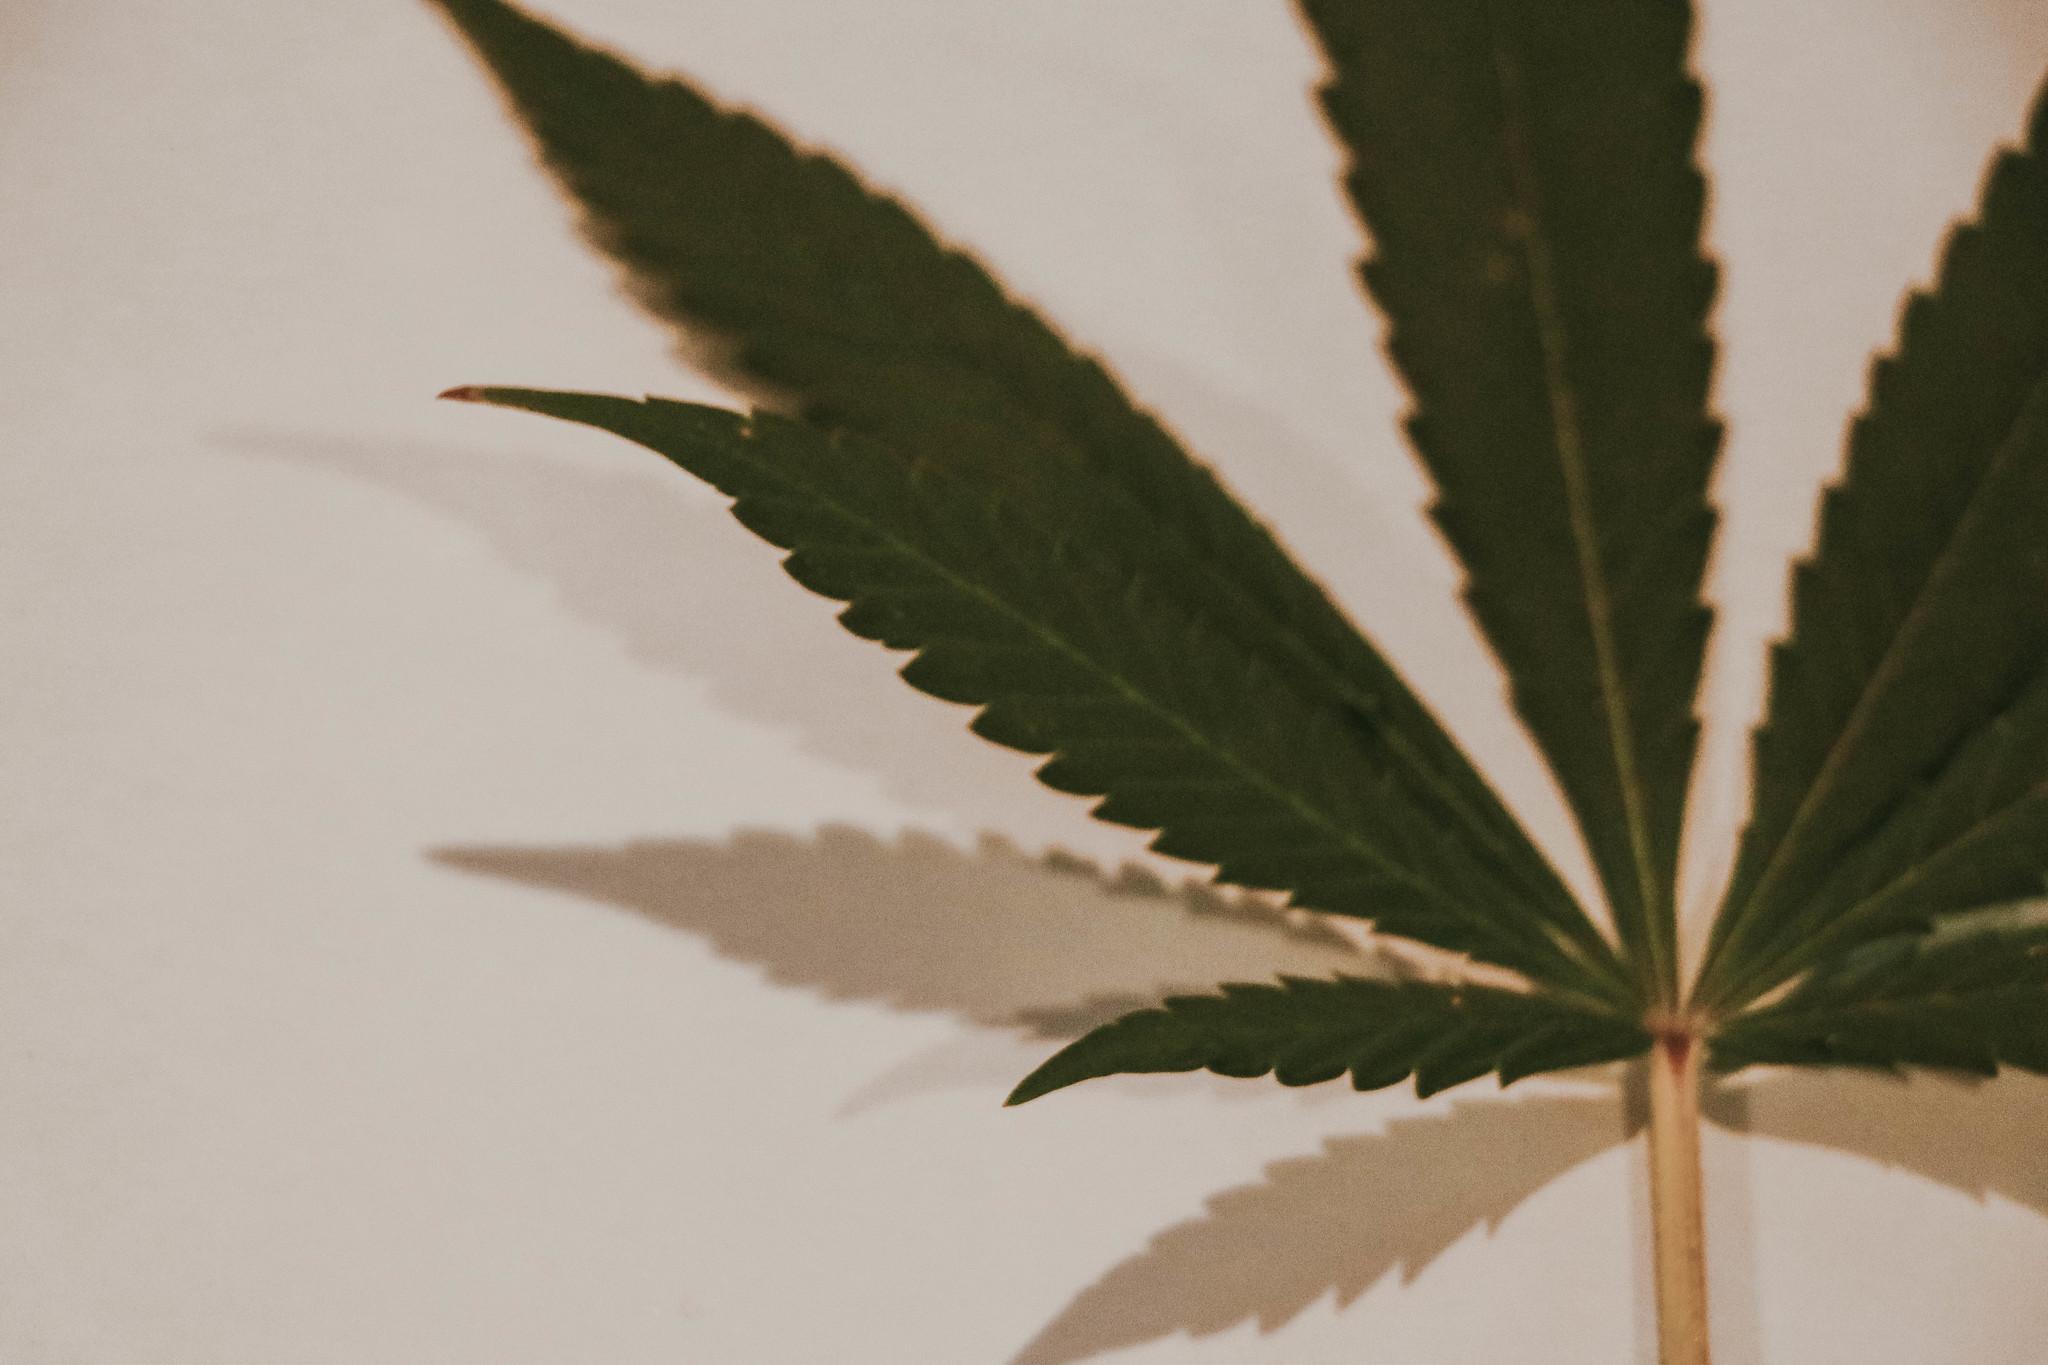 La necessità di abbandonare l'approccio ideologico sulle droghe